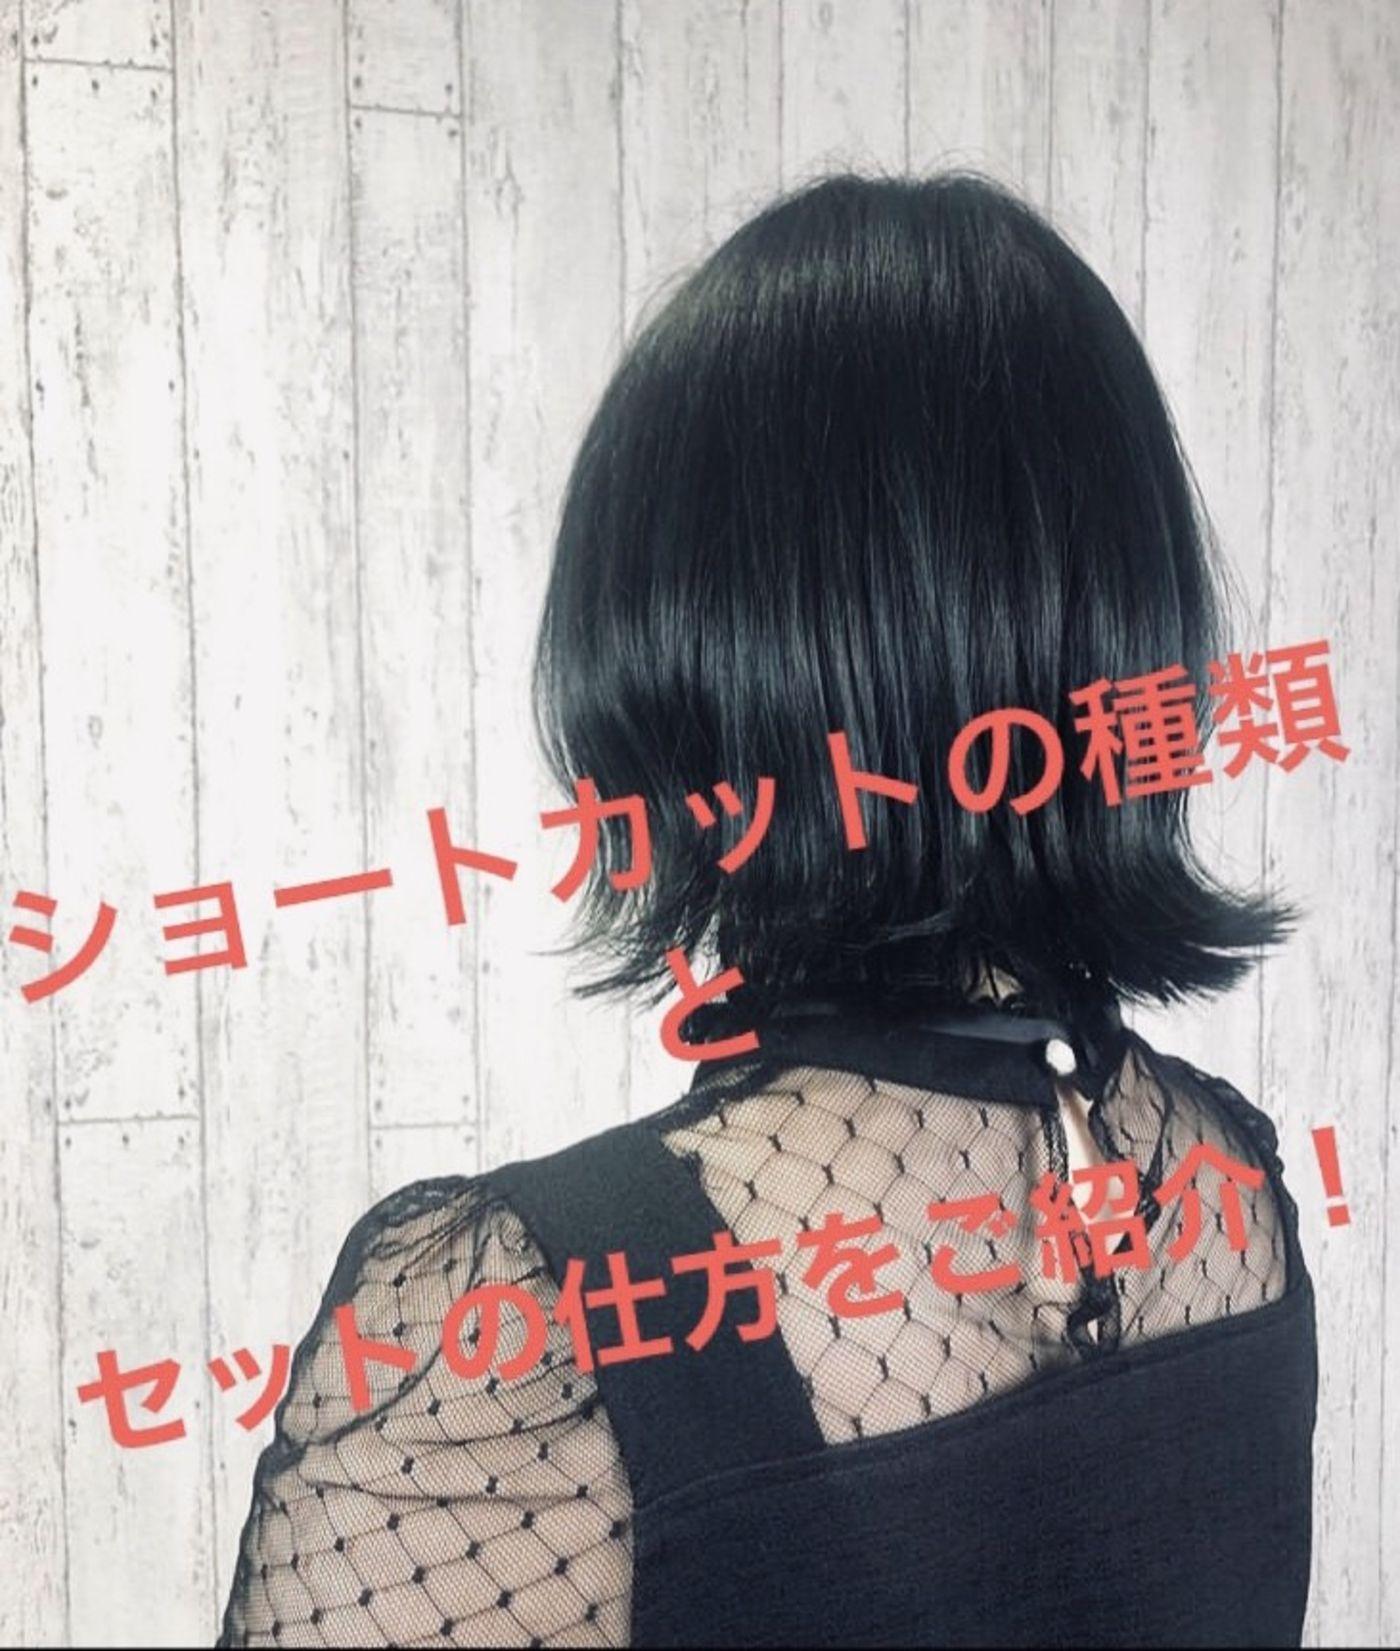 【夏場ショートヘアにしたい人必見!】こんな感じにすればもっと夏っぽくなります!